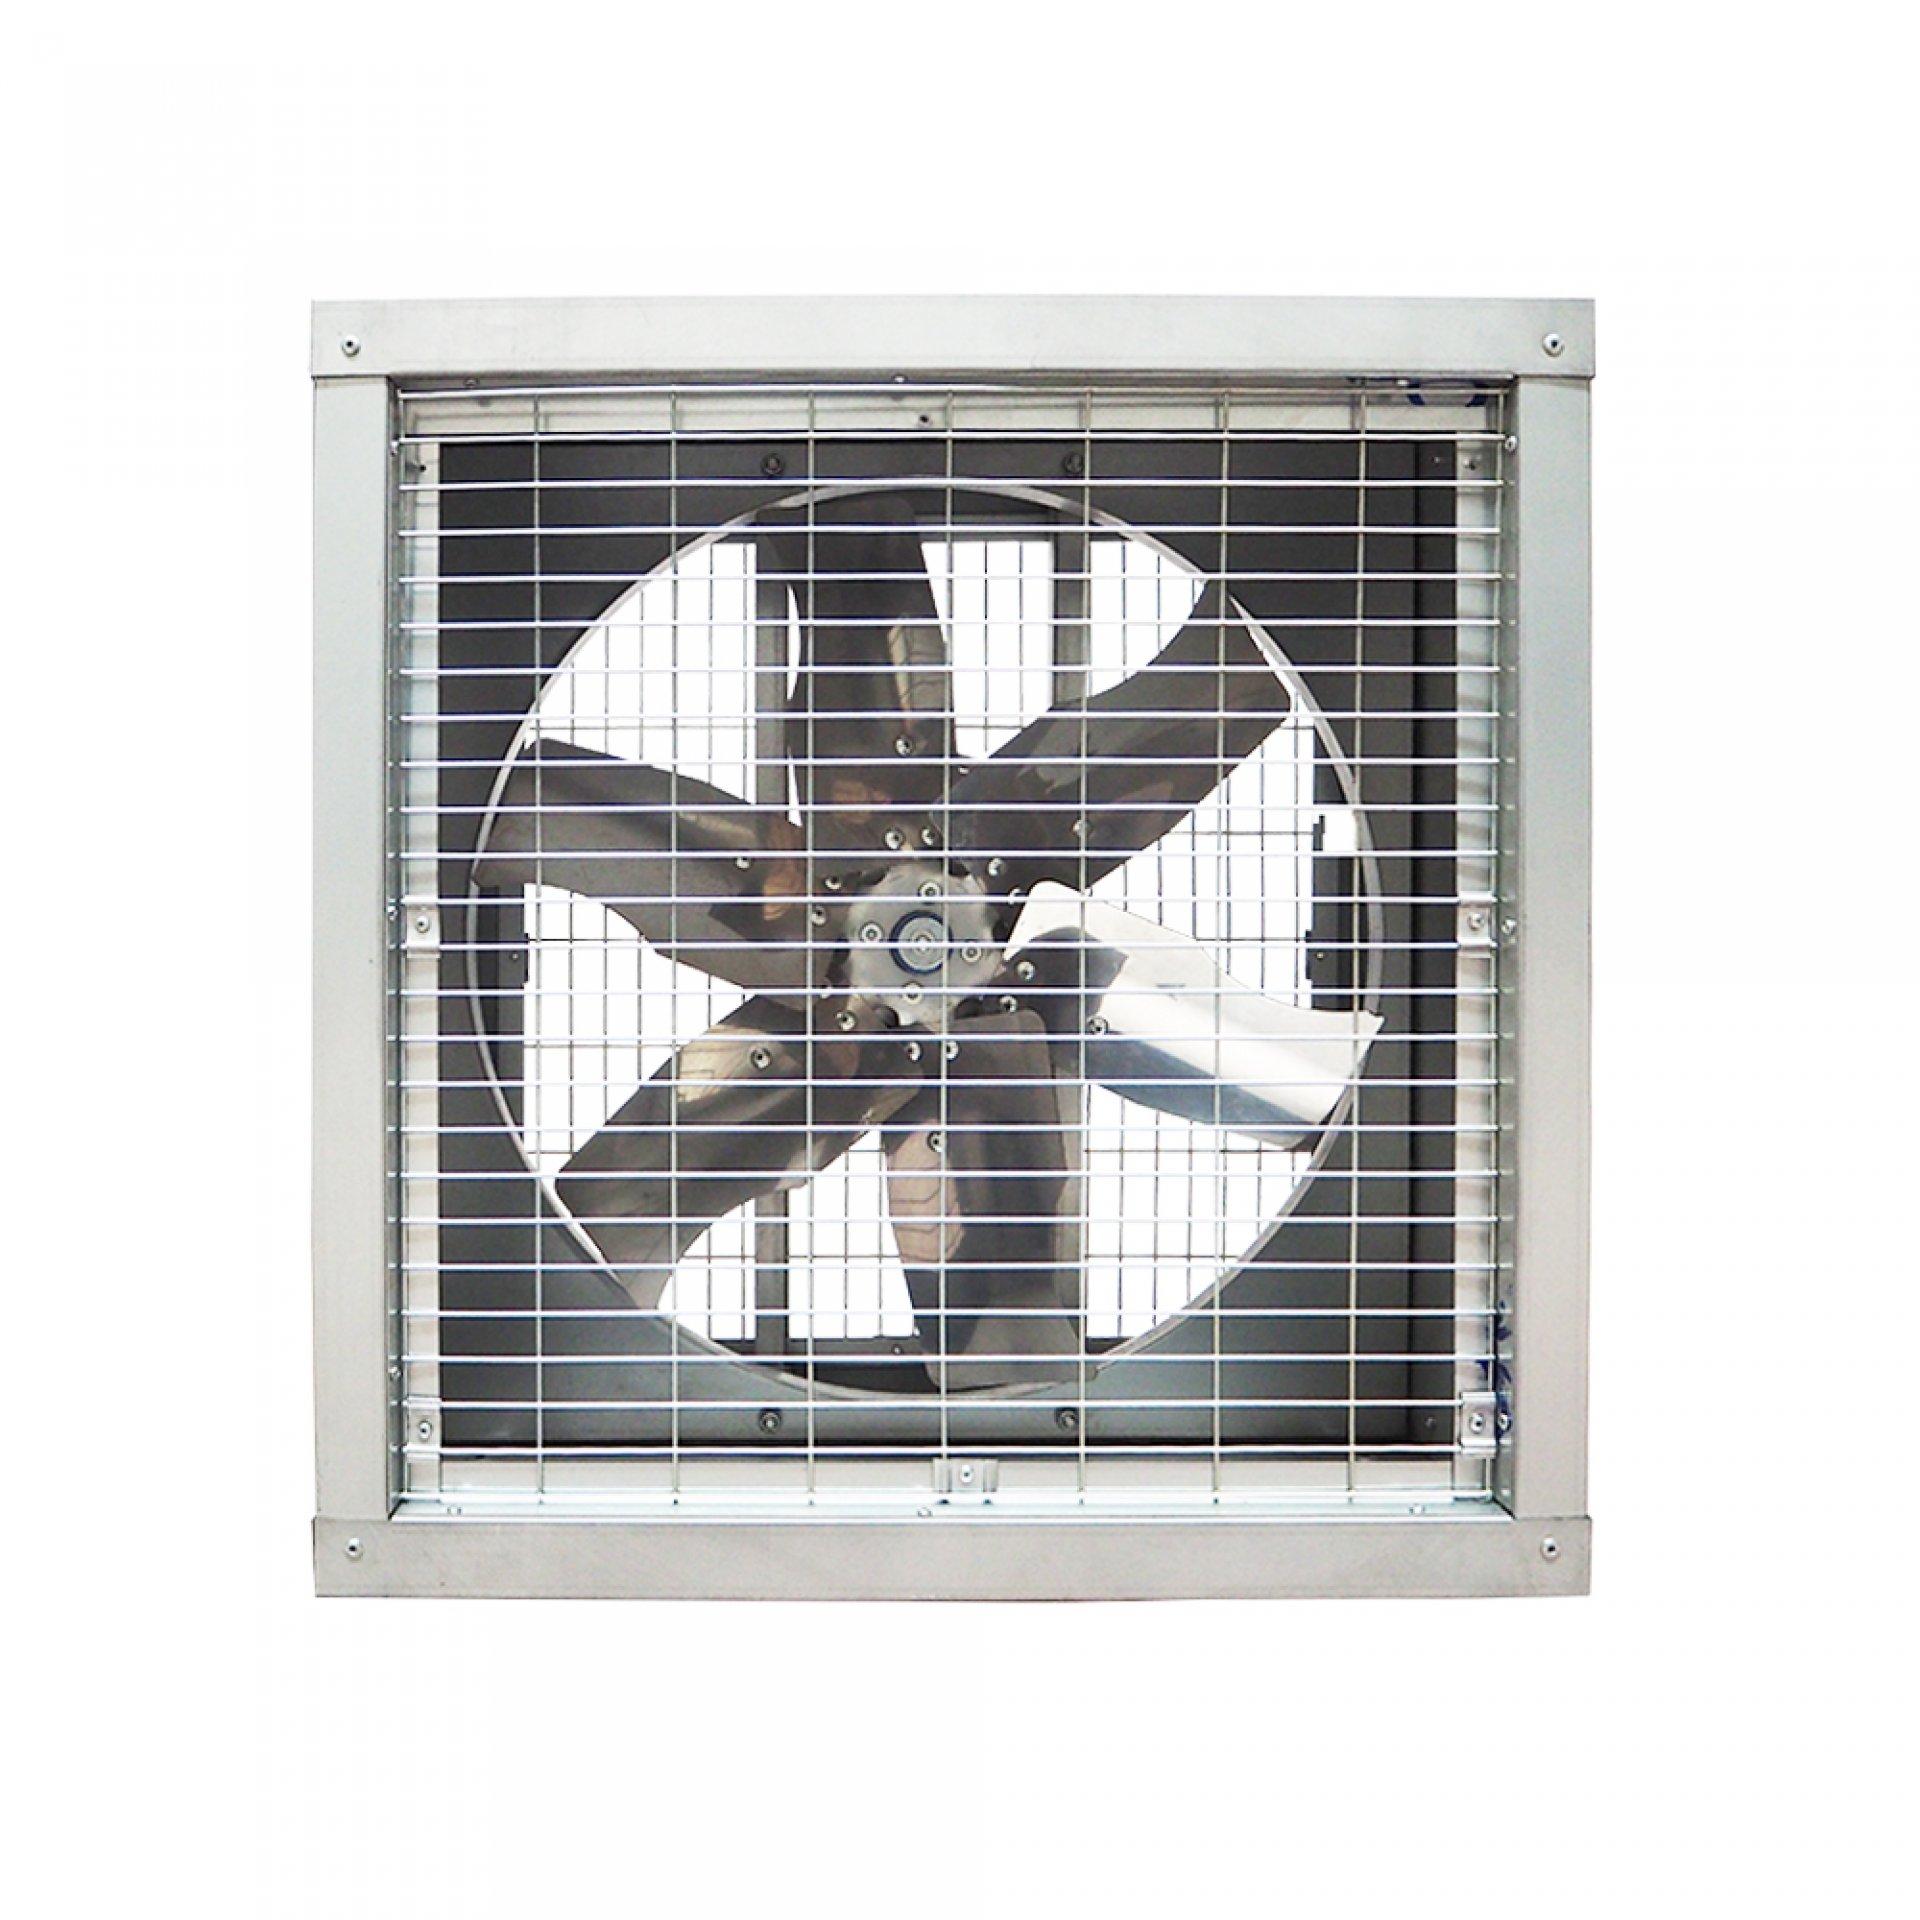 660-type-axial-ventilation-fan